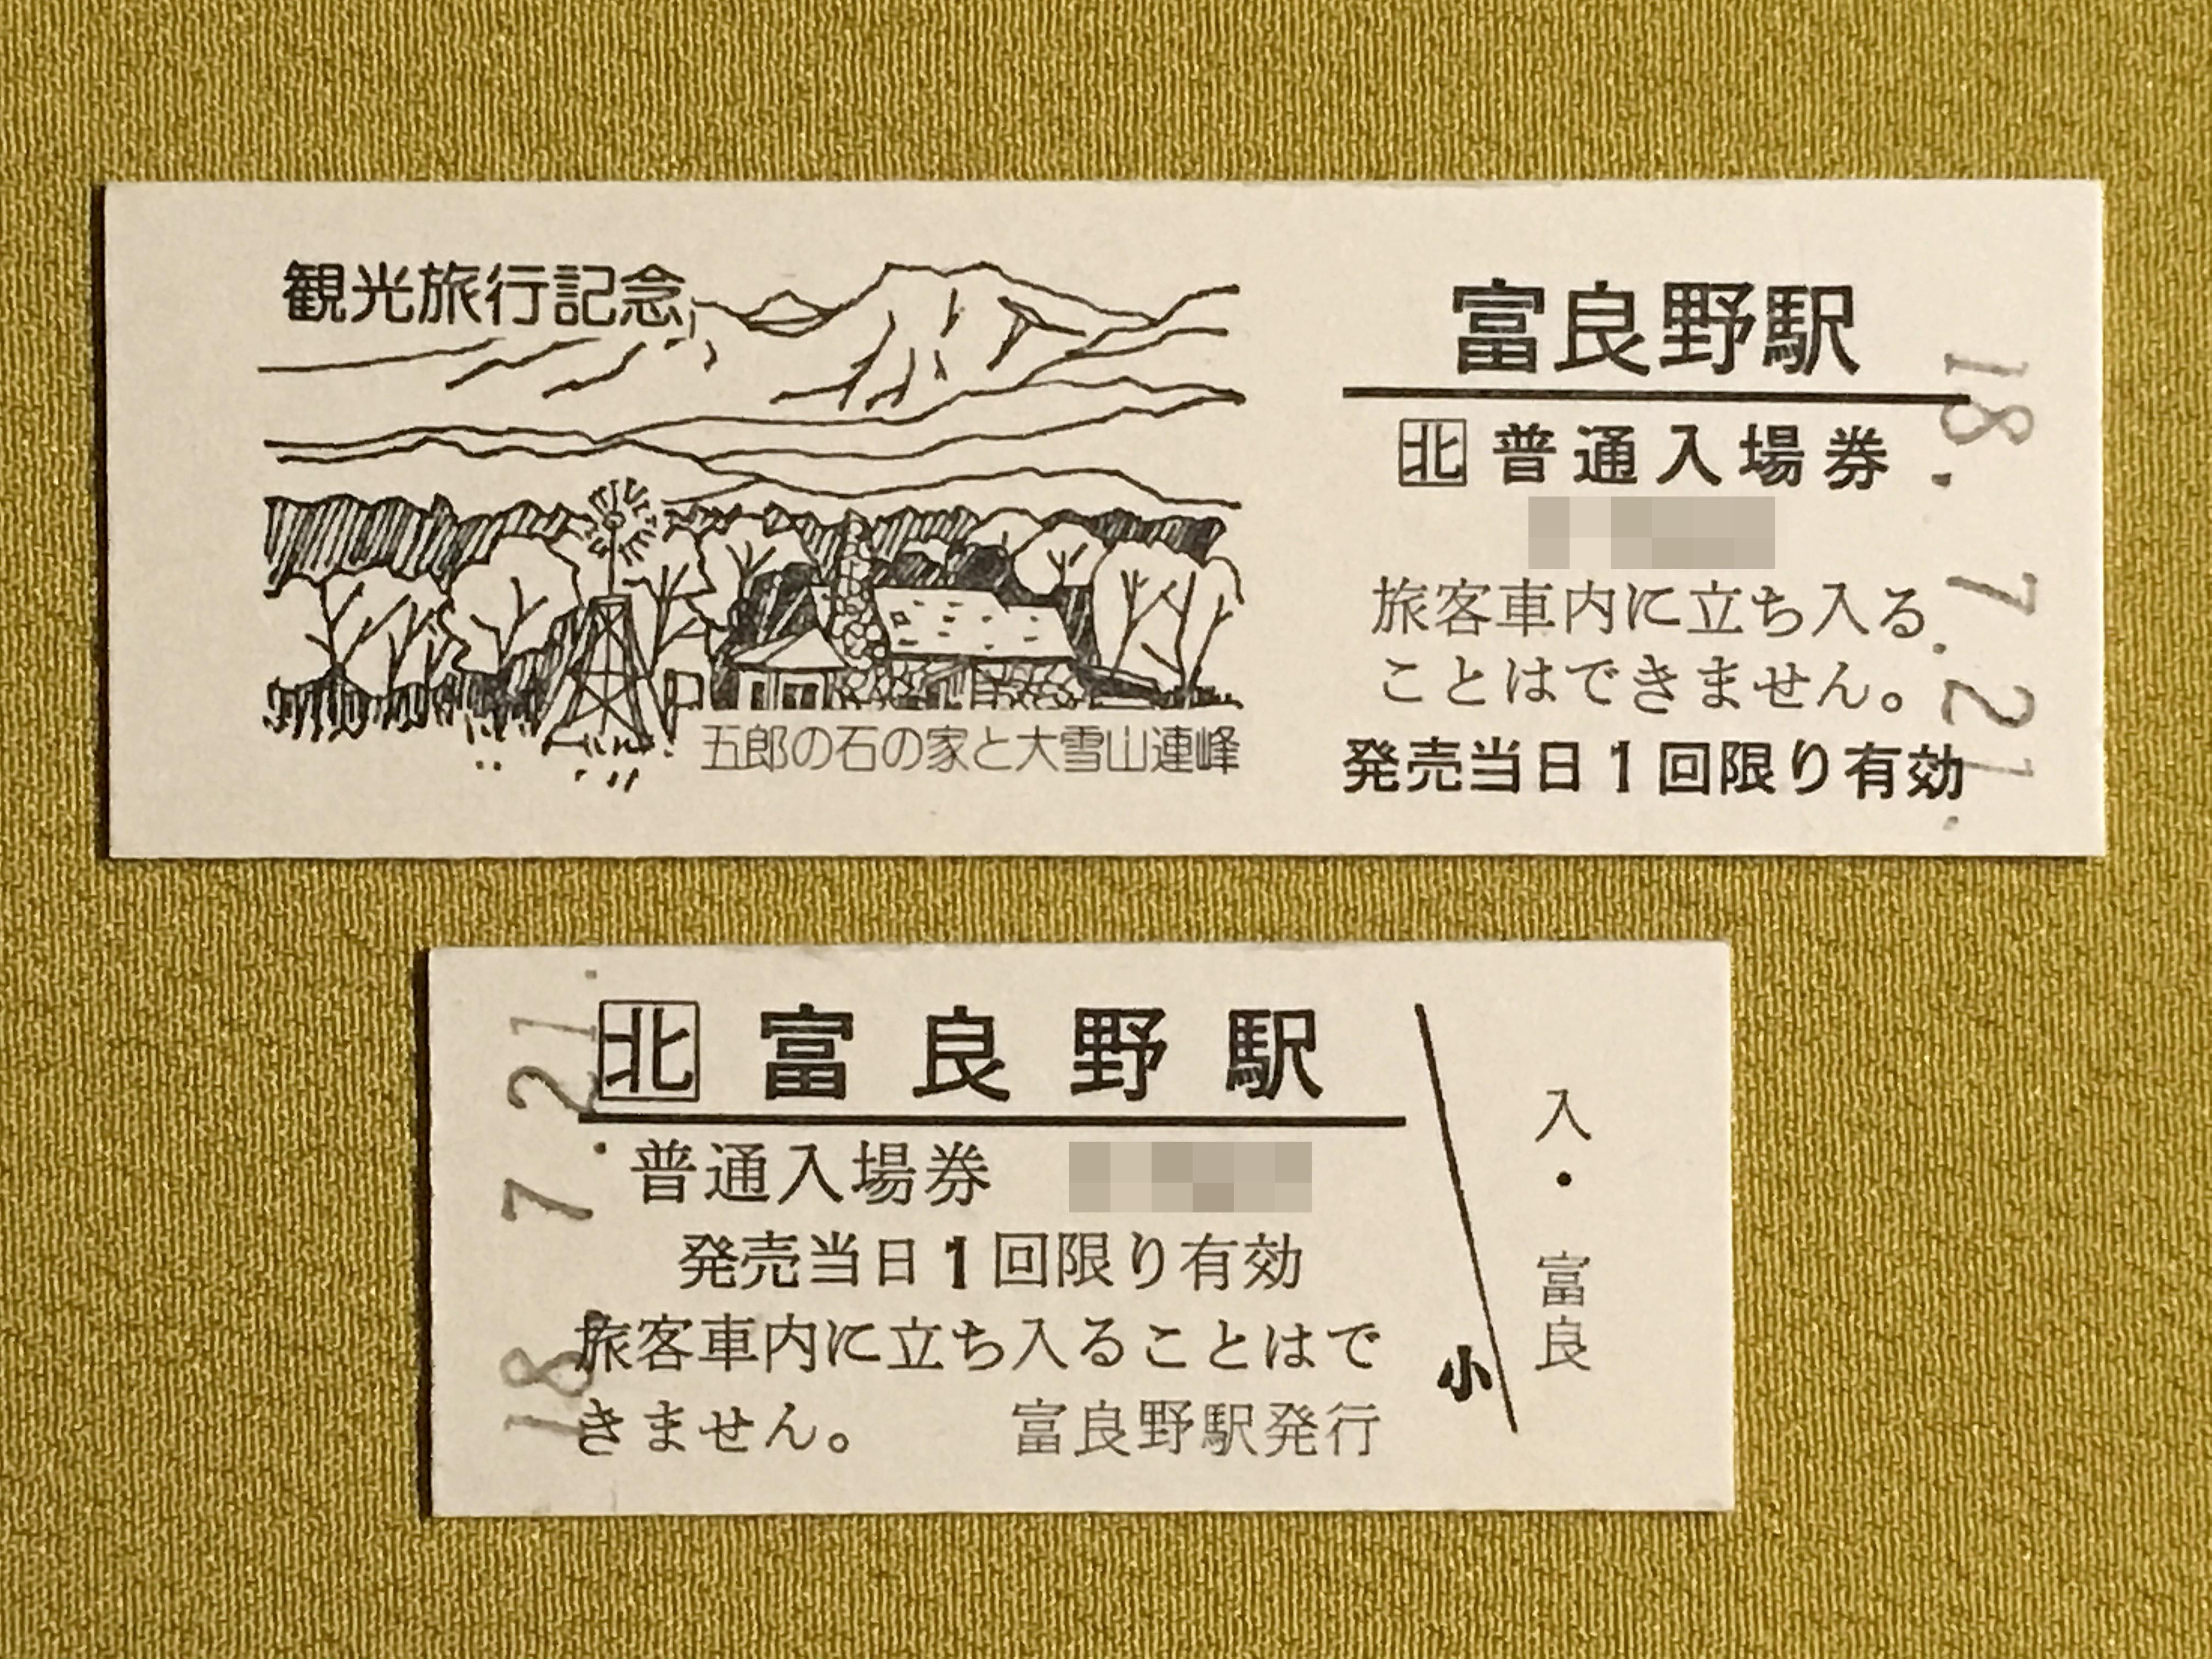 観光記念入場券&硬券入場券 富良野駅.JPG